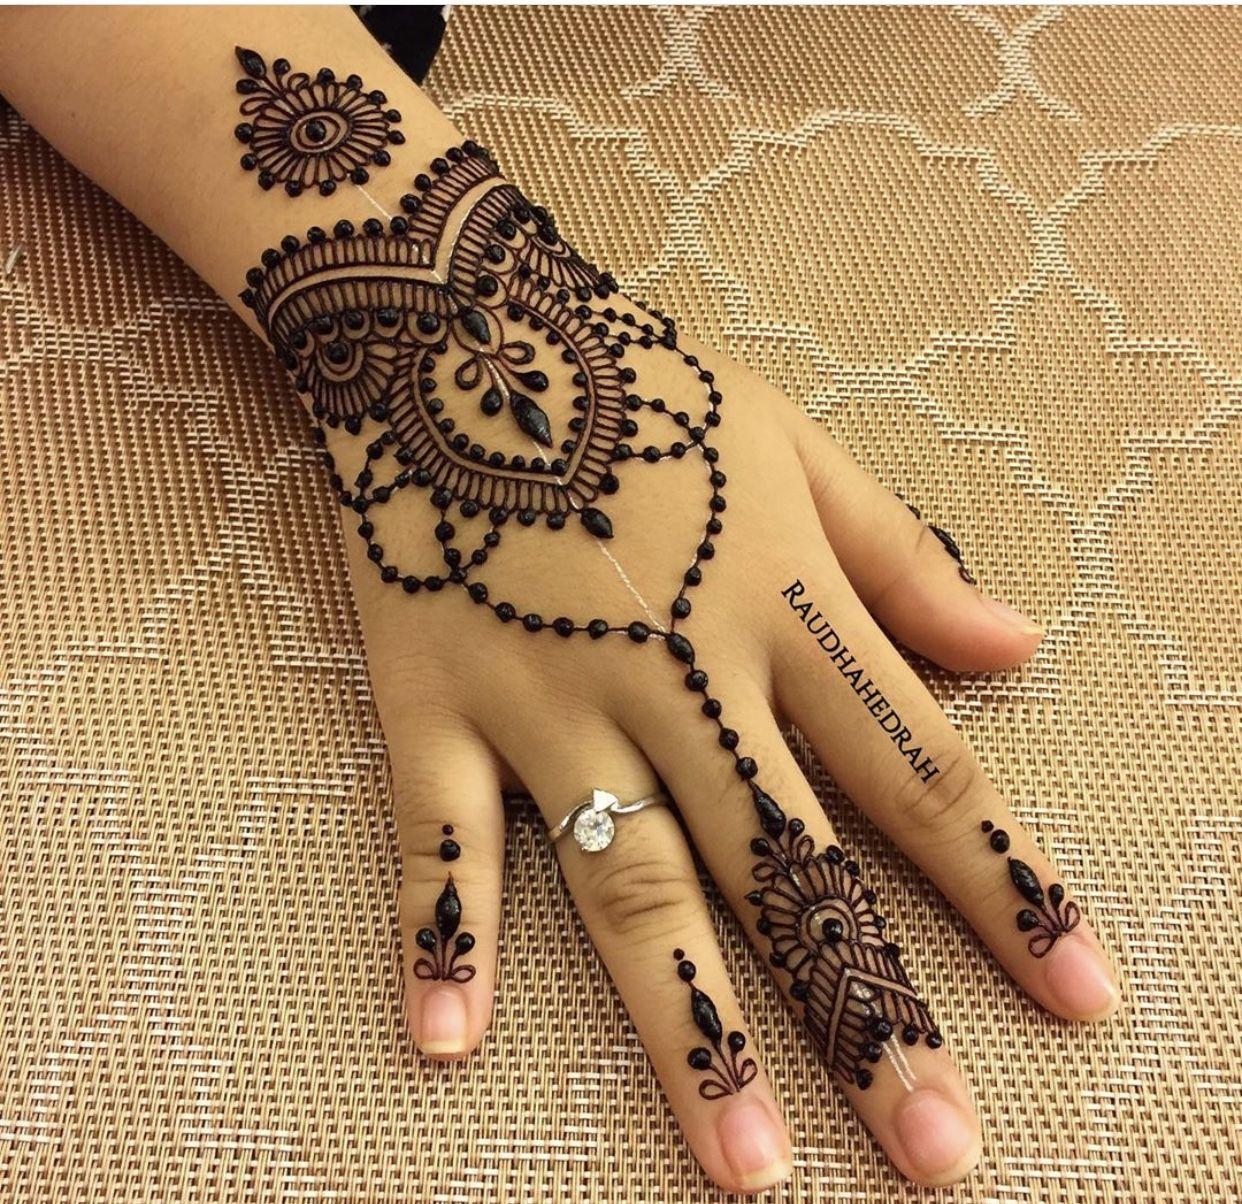 Pin By Haila On Tatouage Henna Tattoo Hand Henna Tattoo Designs Simple Henna Tattoo Designs